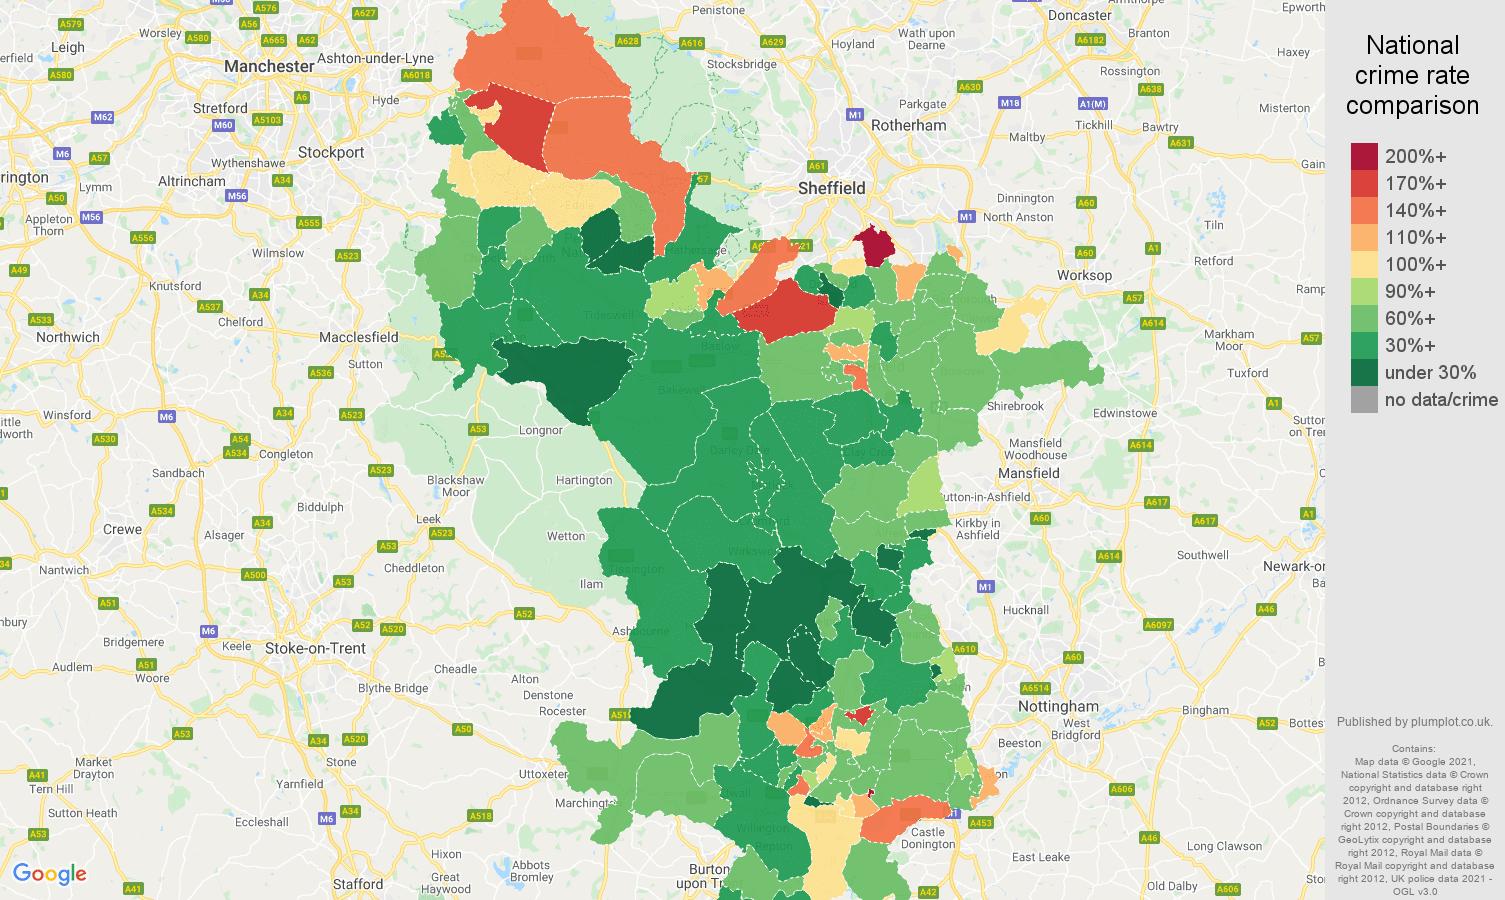 Derbyshire vehicle crime rate comparison map